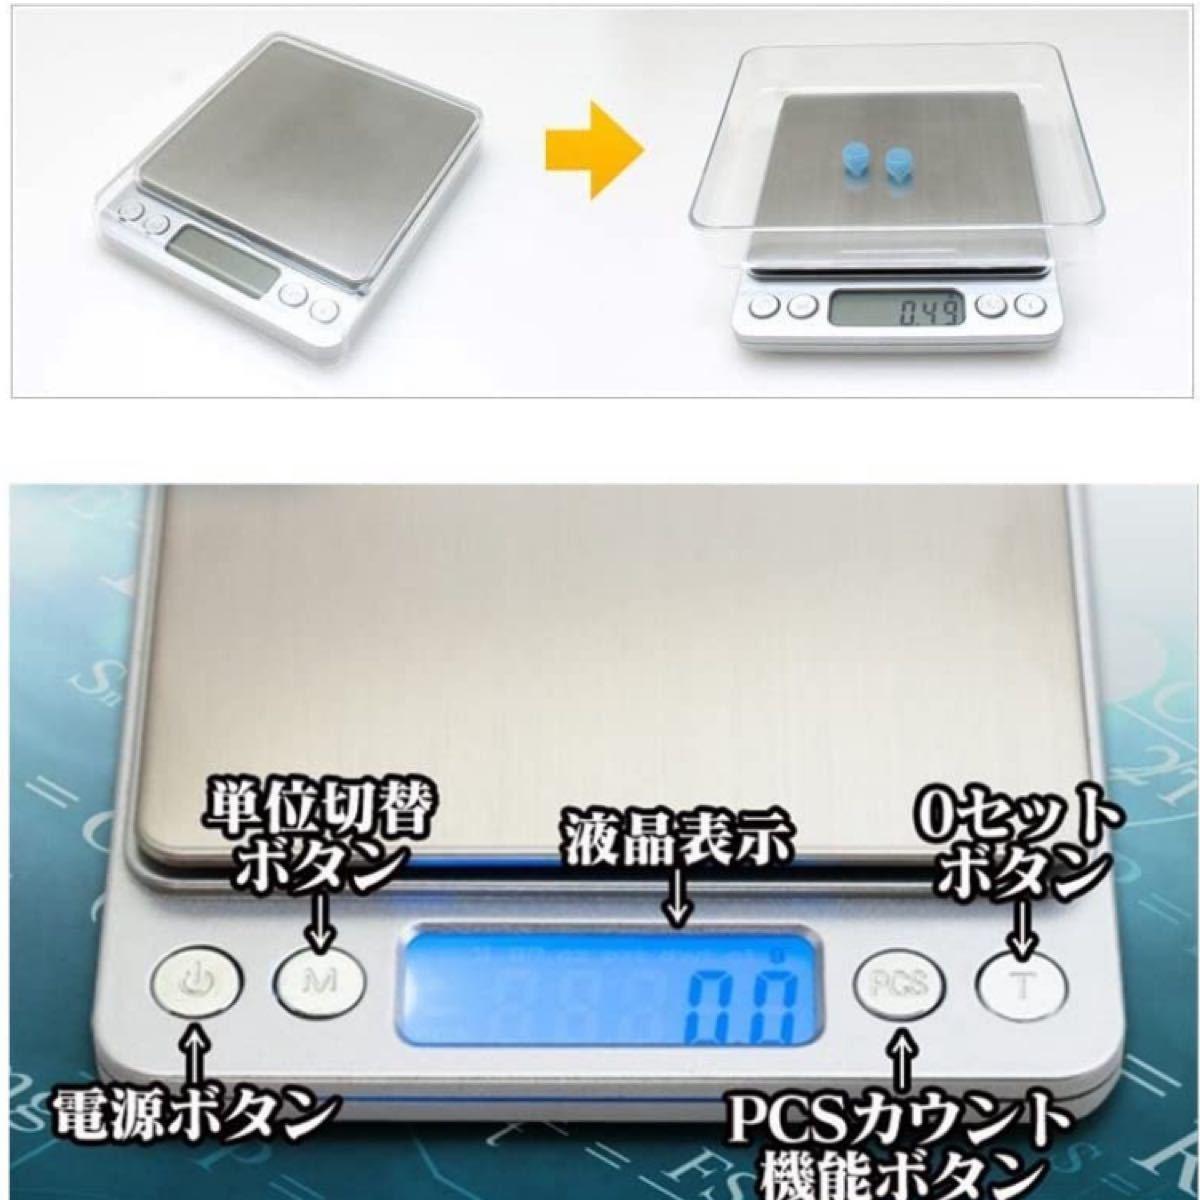 新品  デジタルスケール キッチンスケール 計量器  デジタルキッチンスケール